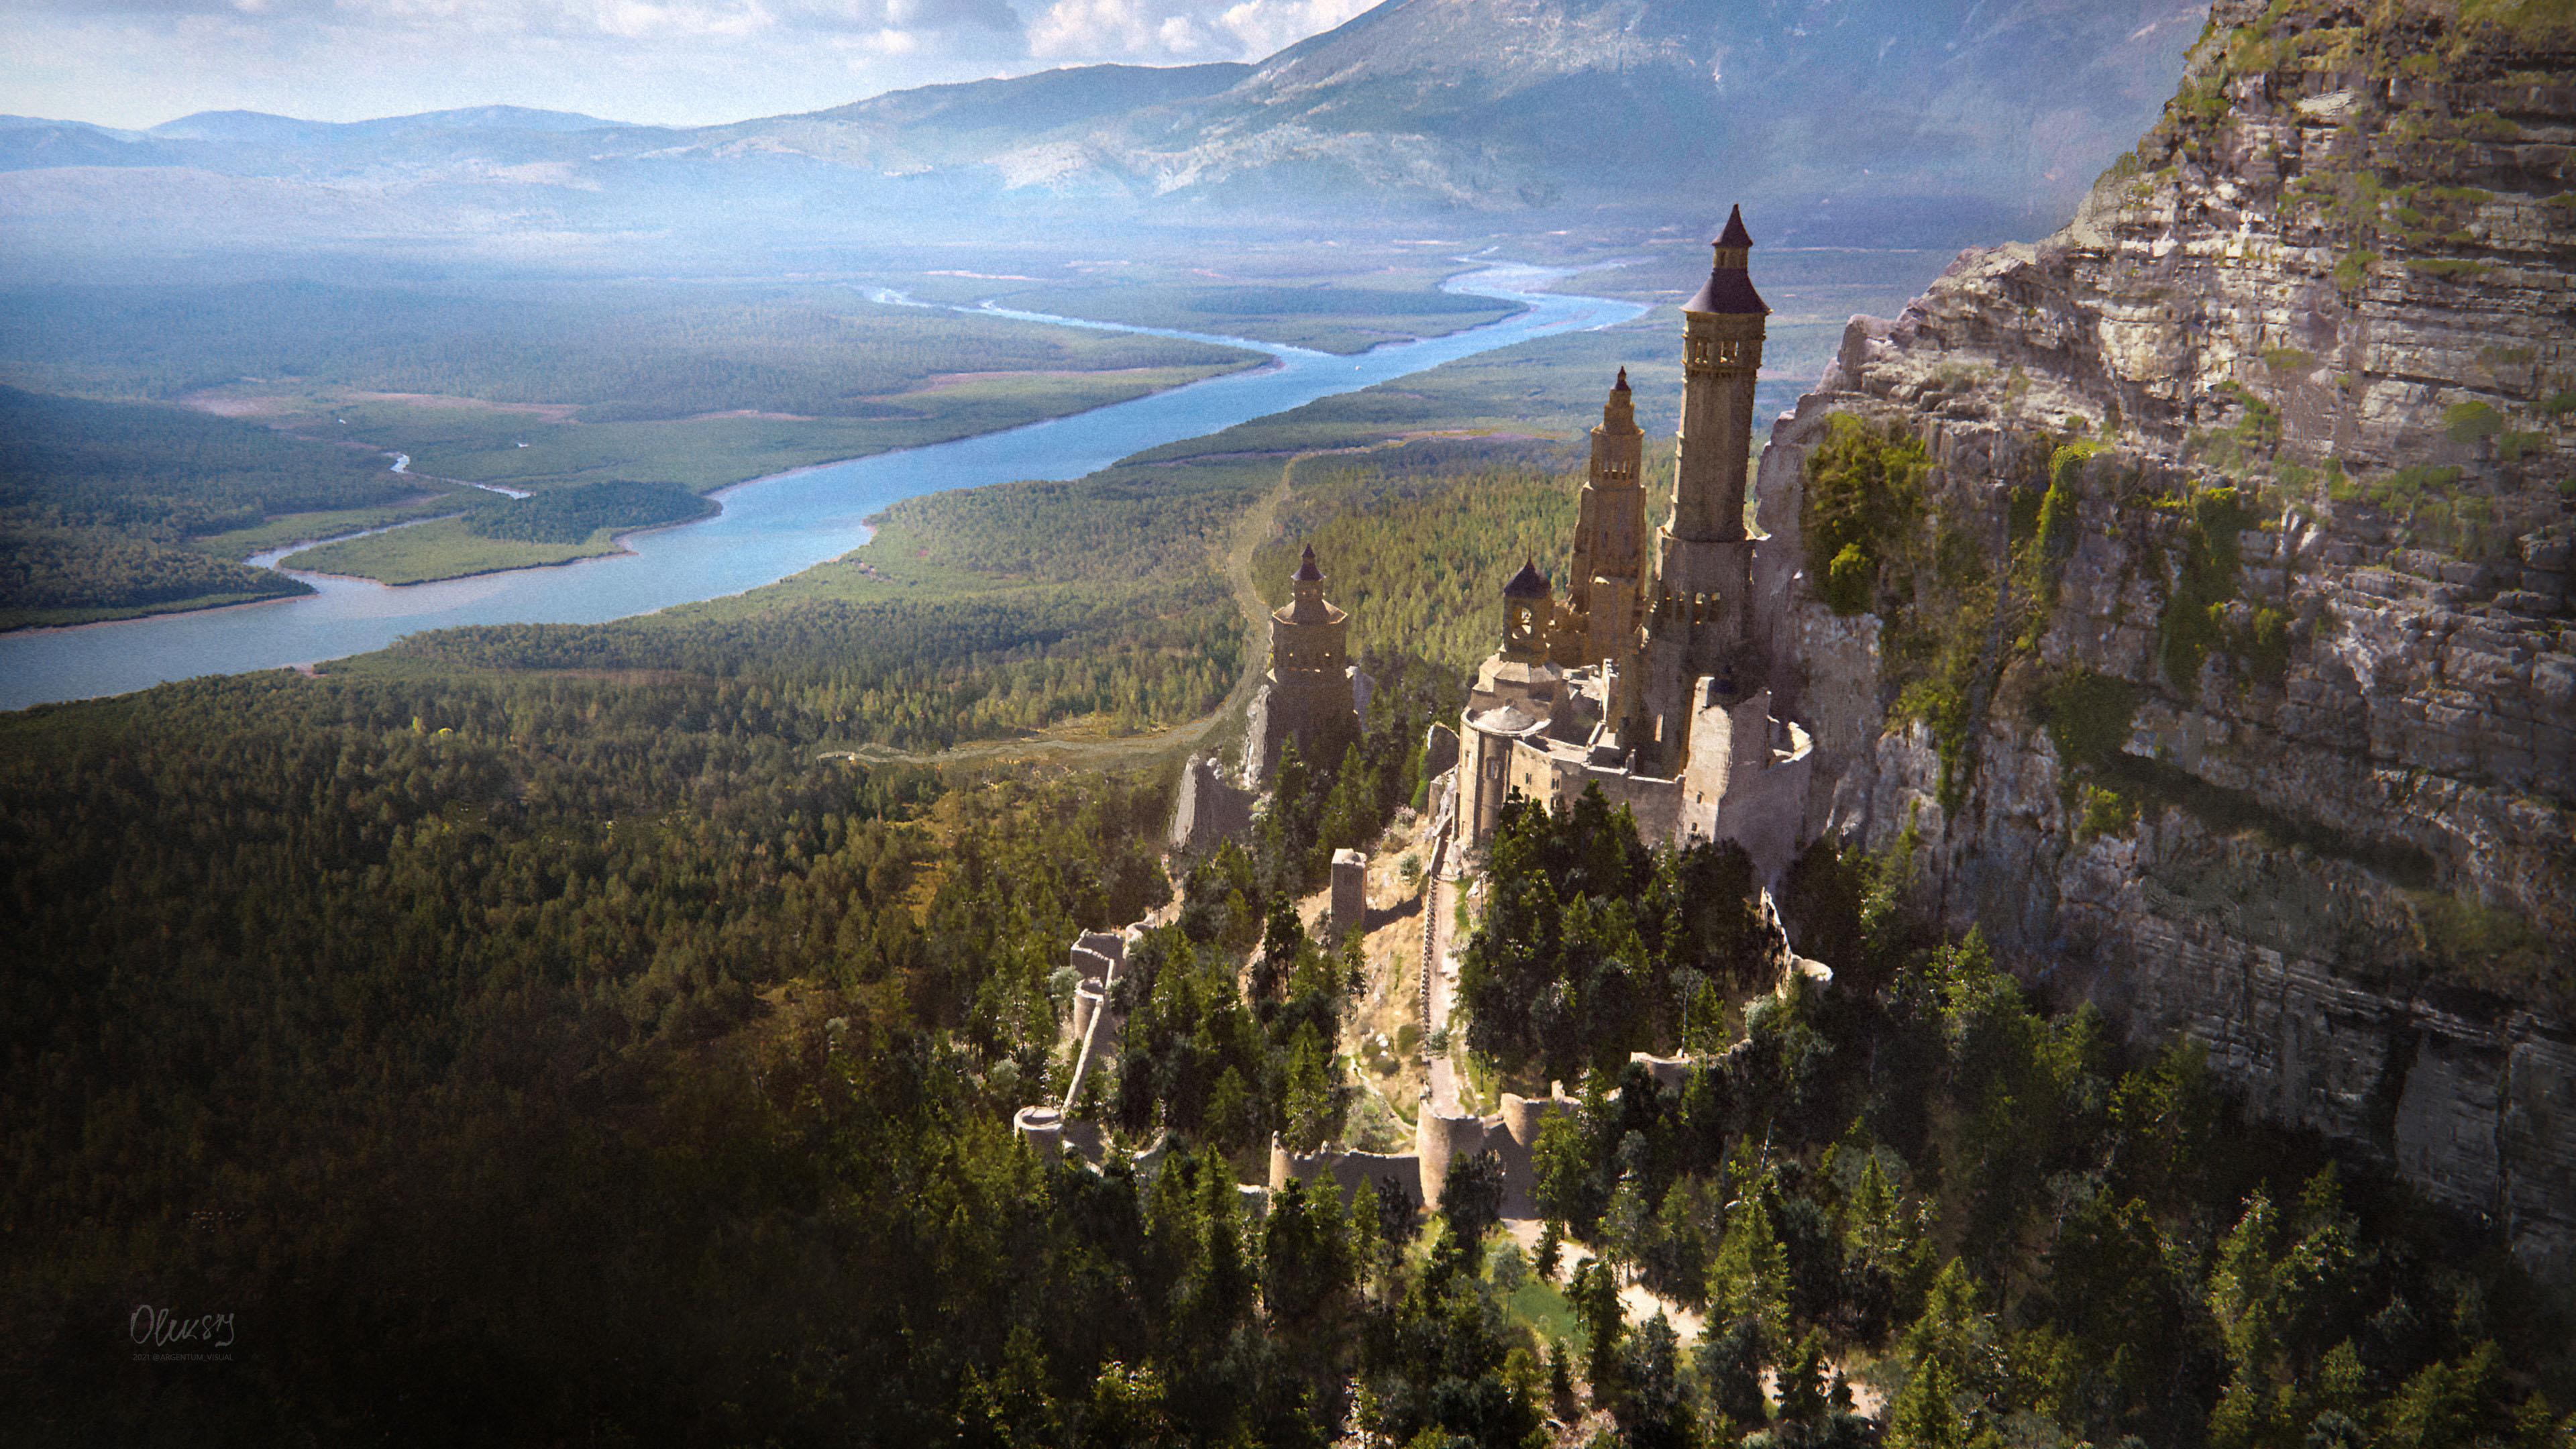 游戏壁纸,靠山的城堡,树林,古堡,一望无际